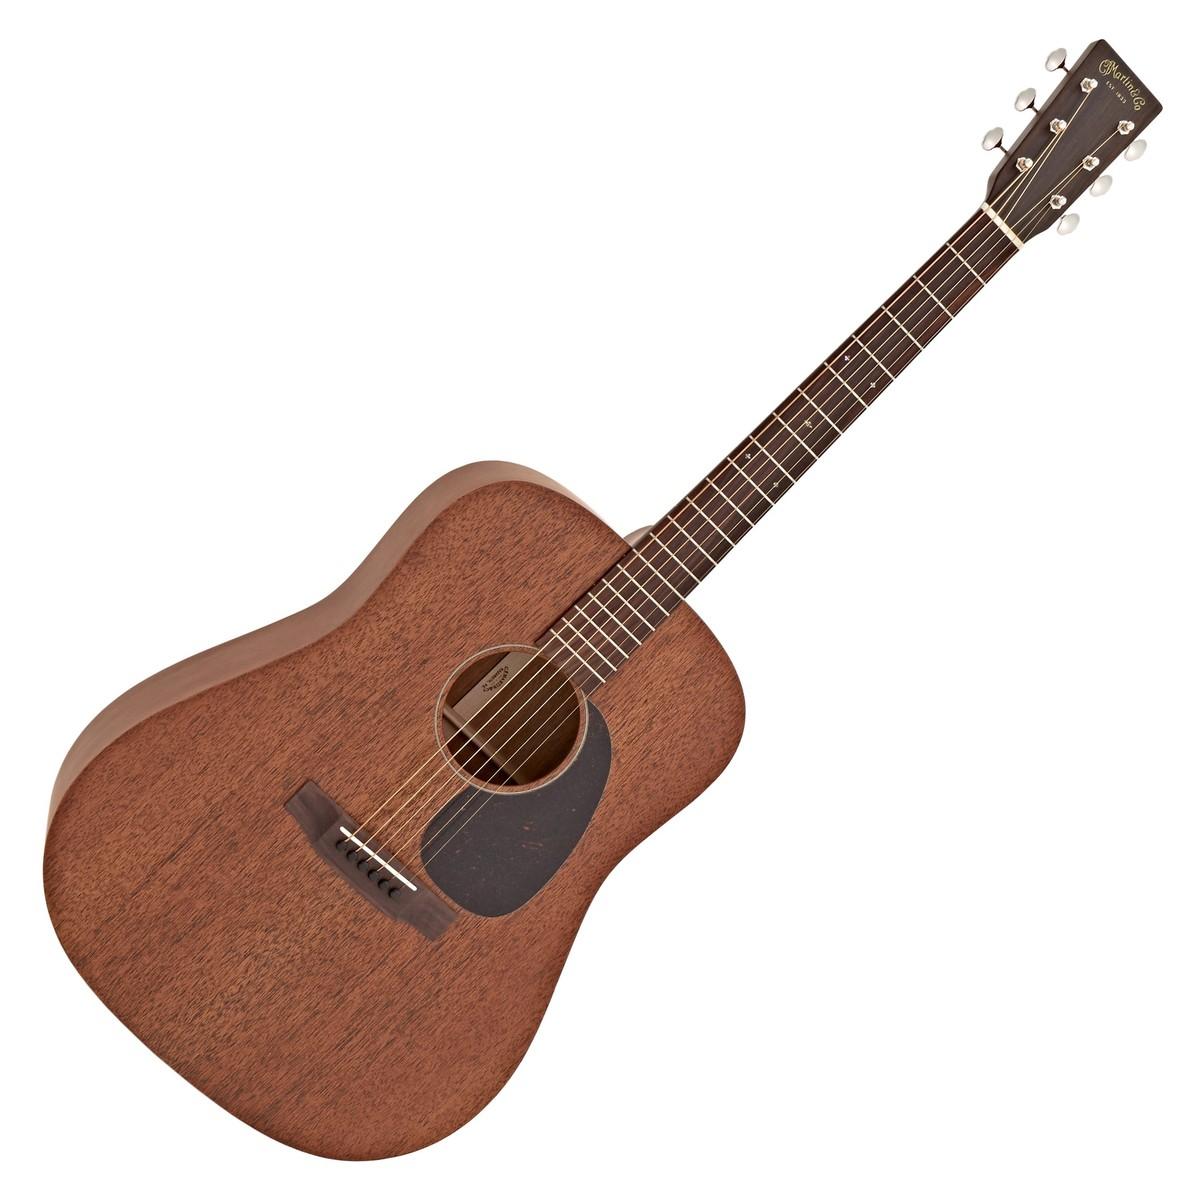 martin d 15m solid mahogany acoustic guitar at. Black Bedroom Furniture Sets. Home Design Ideas